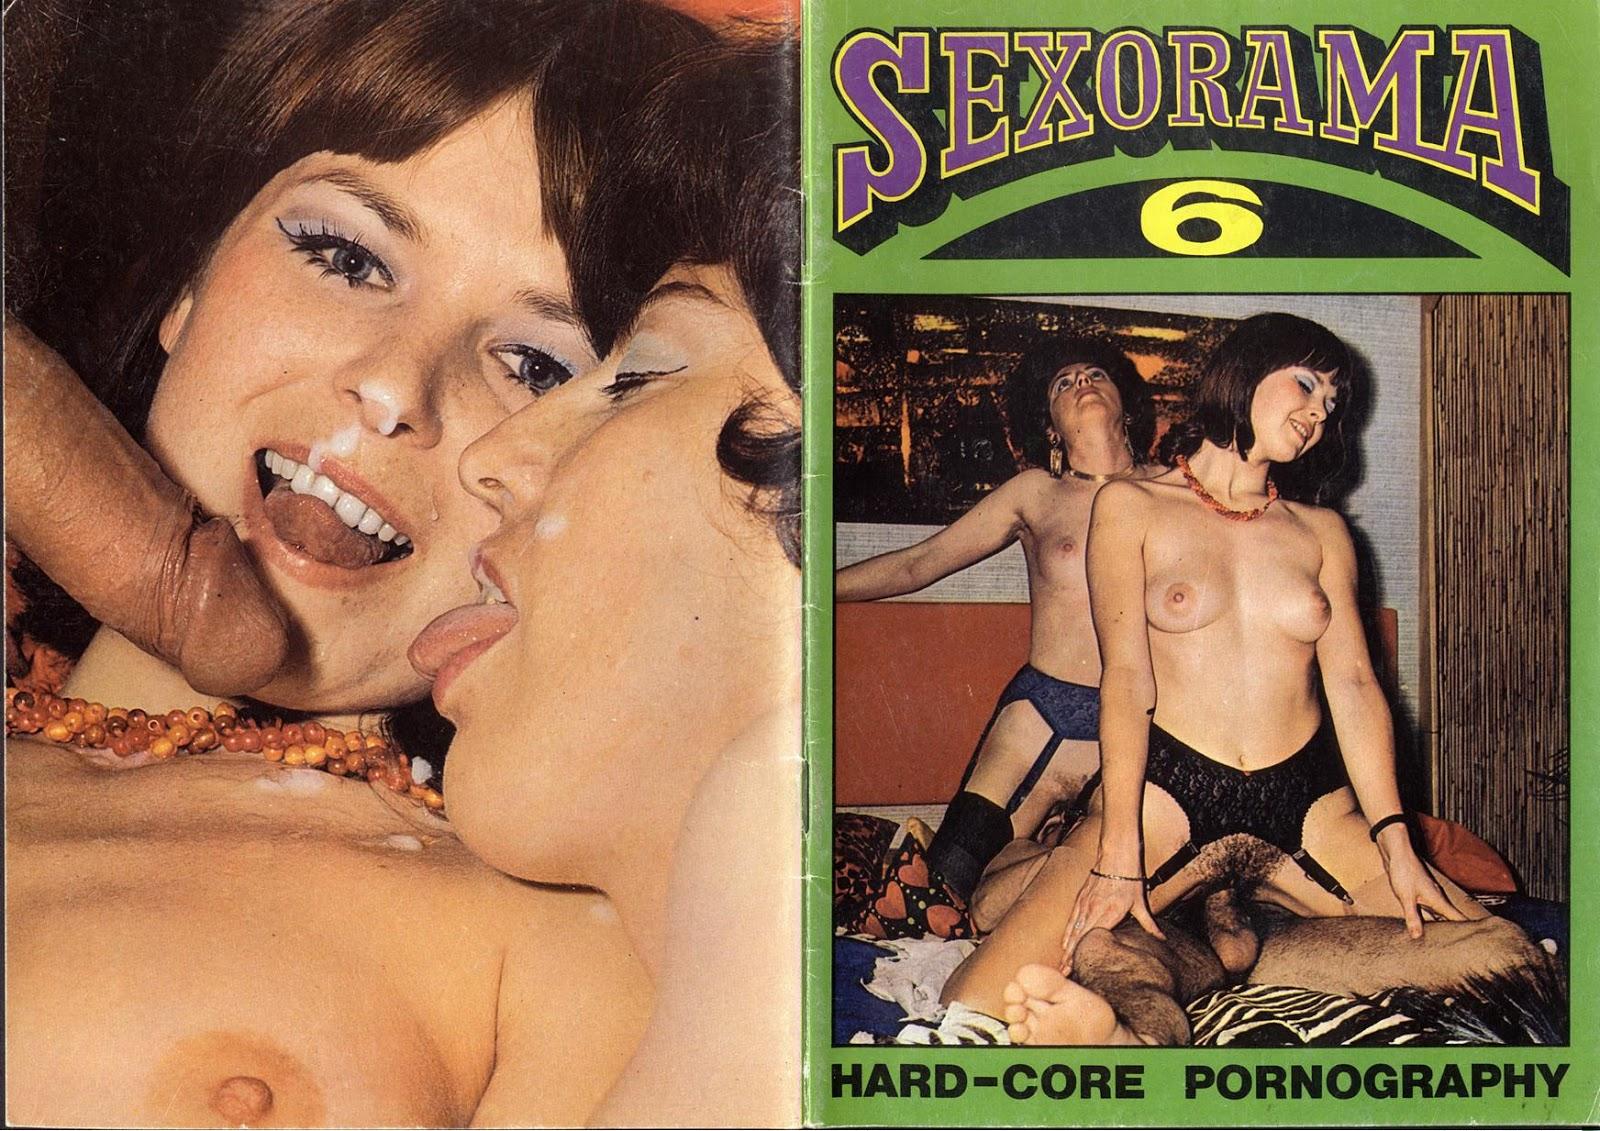 Amateur vintage porn magazines apologise, but